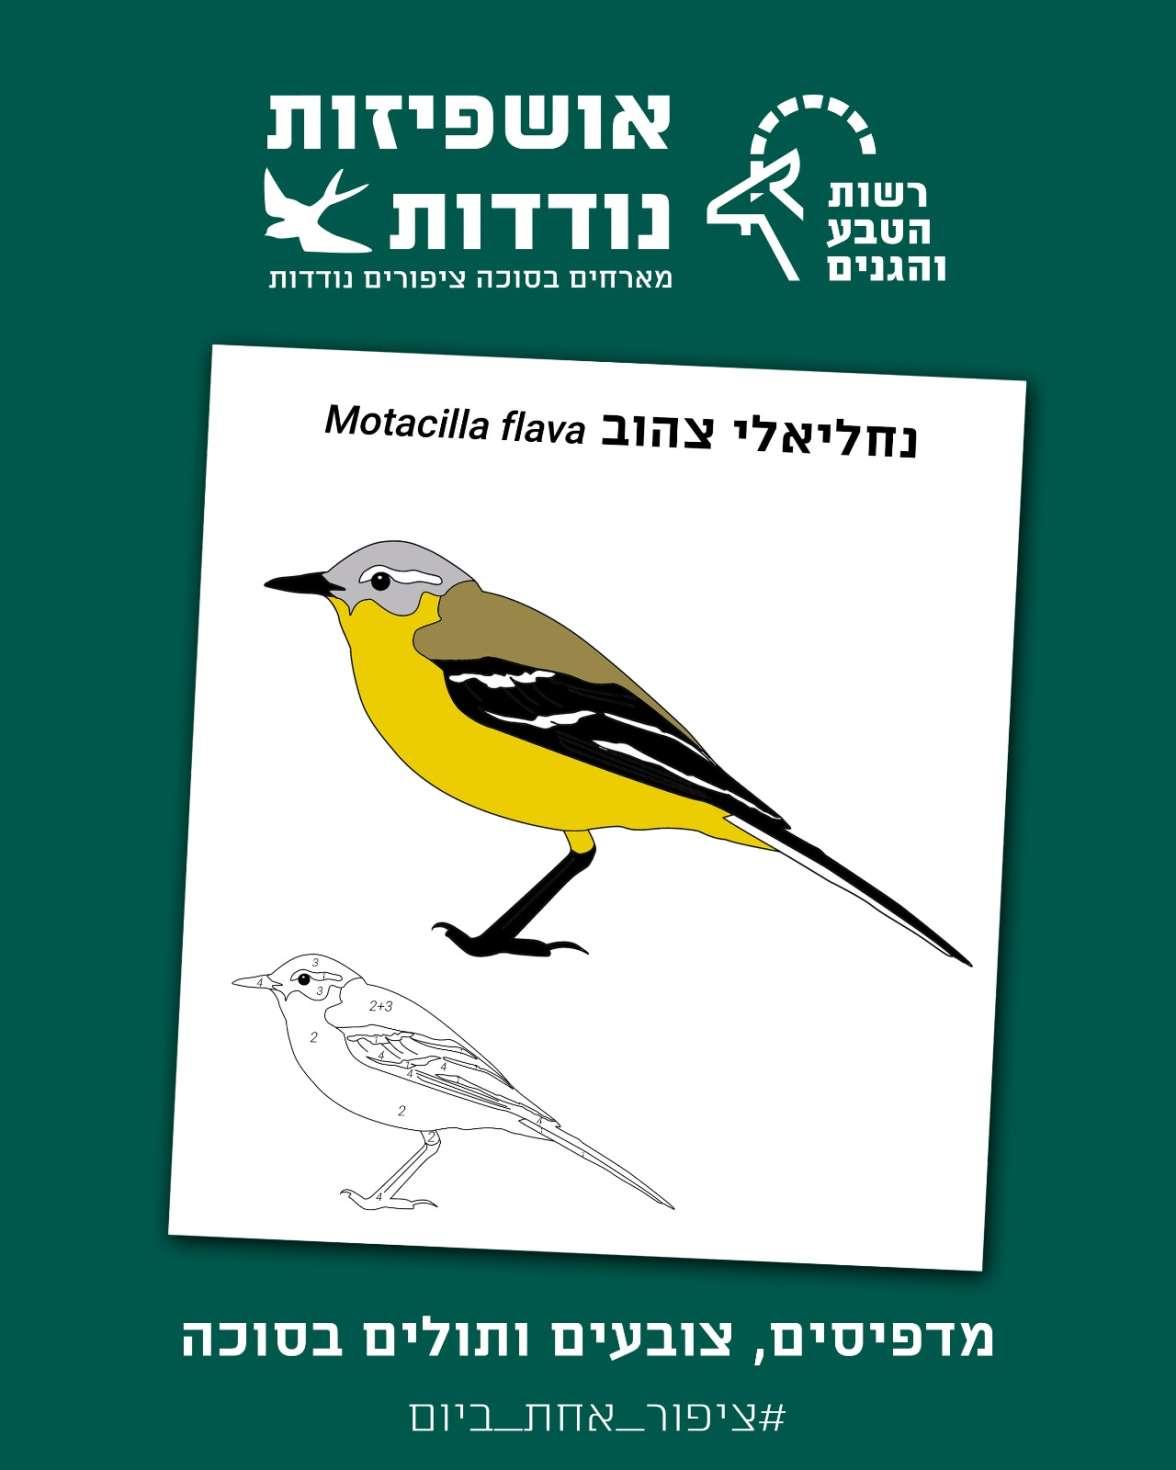 דף מידע וצביעה - נחליאלי צהוב